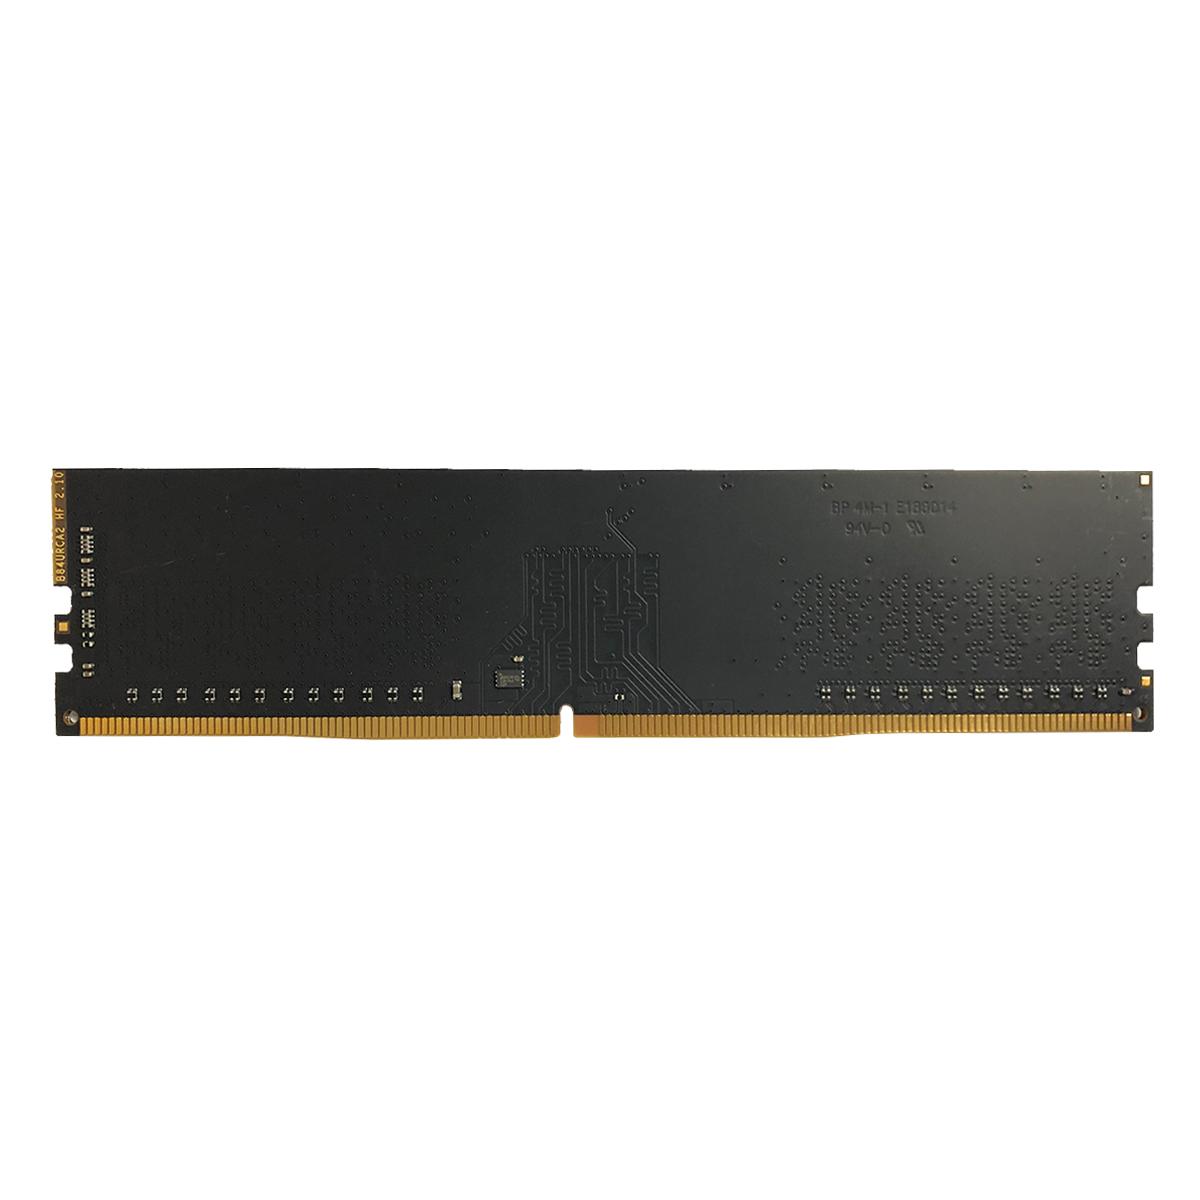 Memória Patriot Signature Line 8GB DDR4 2666MHz CL19 1.2V PSD48G266681